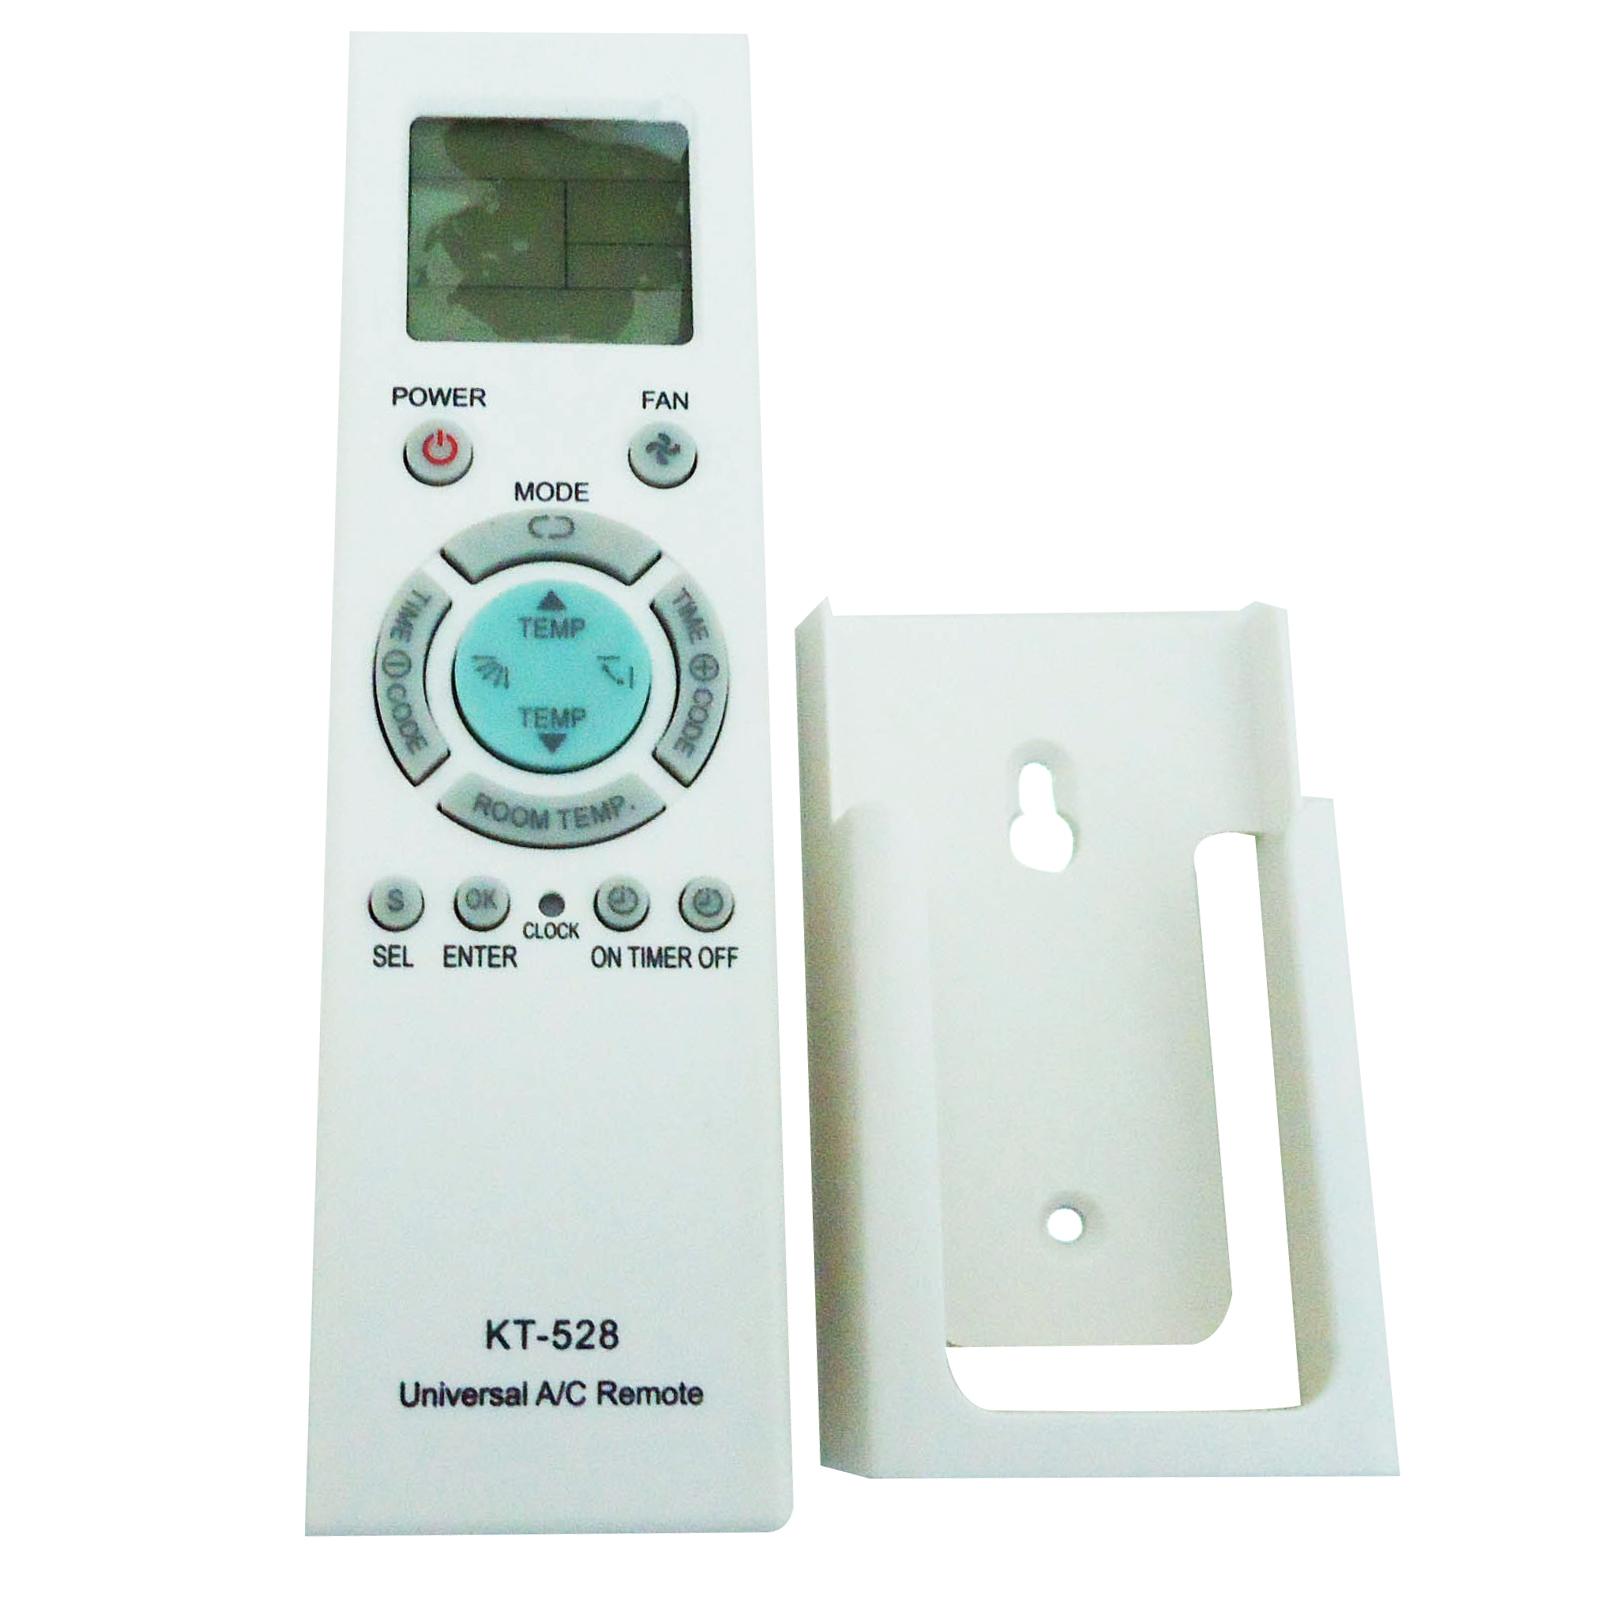 KT528 Τηλεχειριστήρια Κλιματιστικών Air Condition κλιματισμός    ανταλλακτικά   εξαρτήματα κλιματιστικών a c  προσφορές   κλιματισ